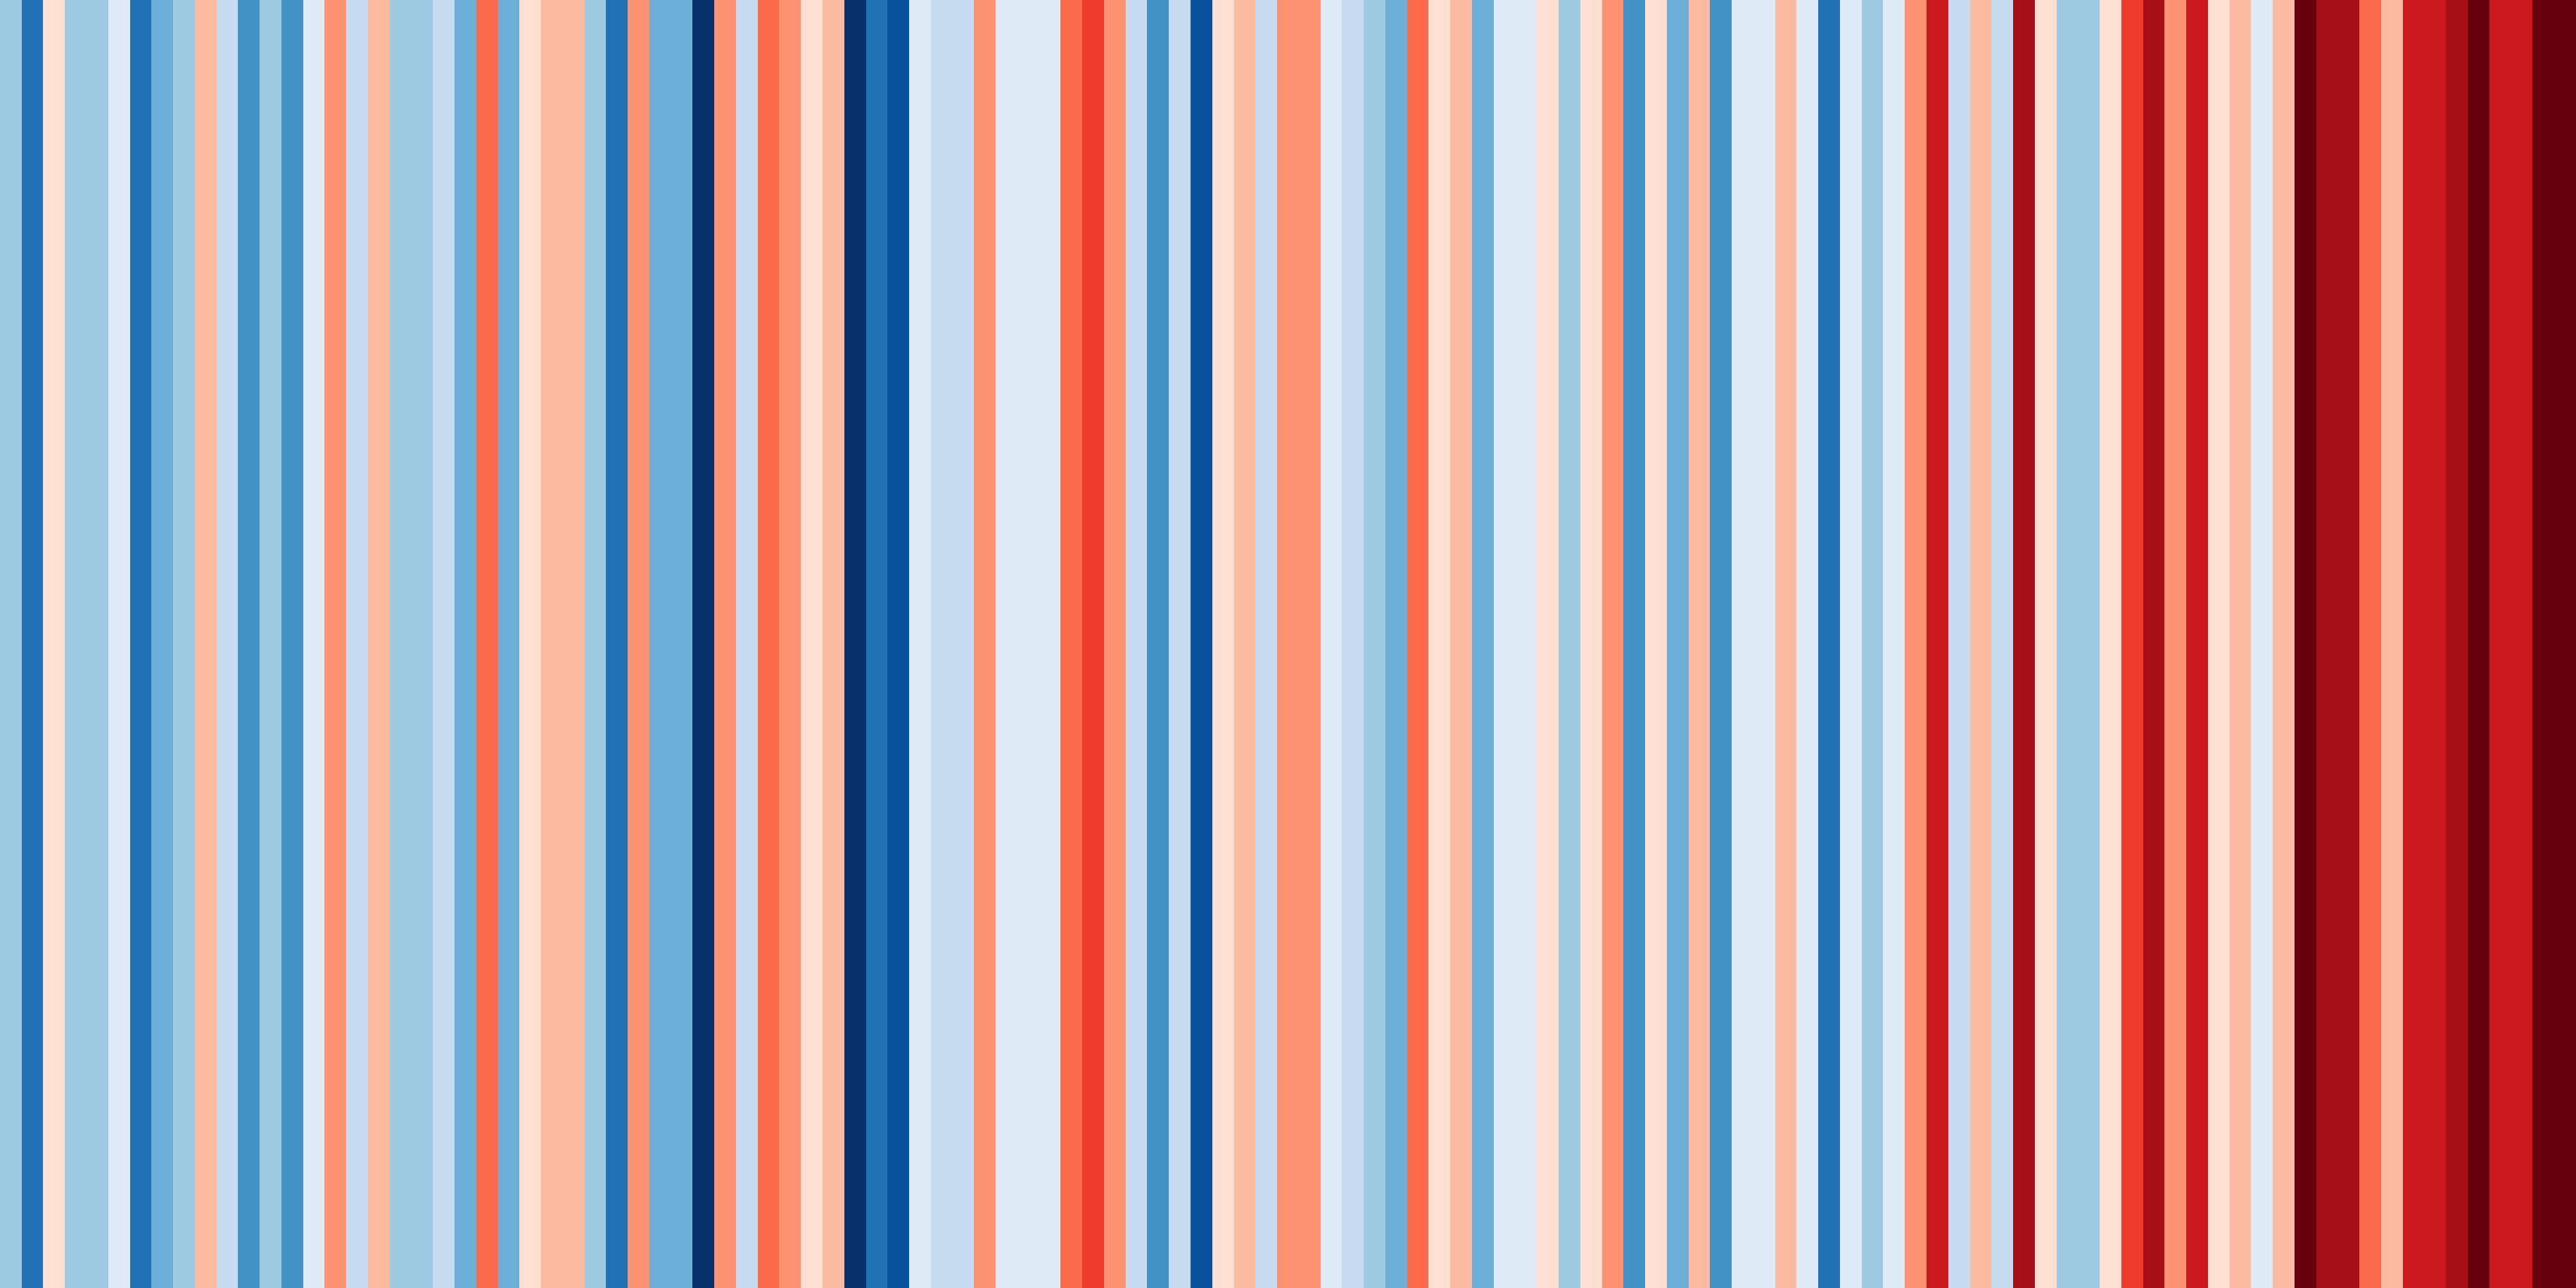 Graficul care arată schimbările uriașe de temperatură din țara noastră în ultimii 100 de ani: #ShowYourStripes